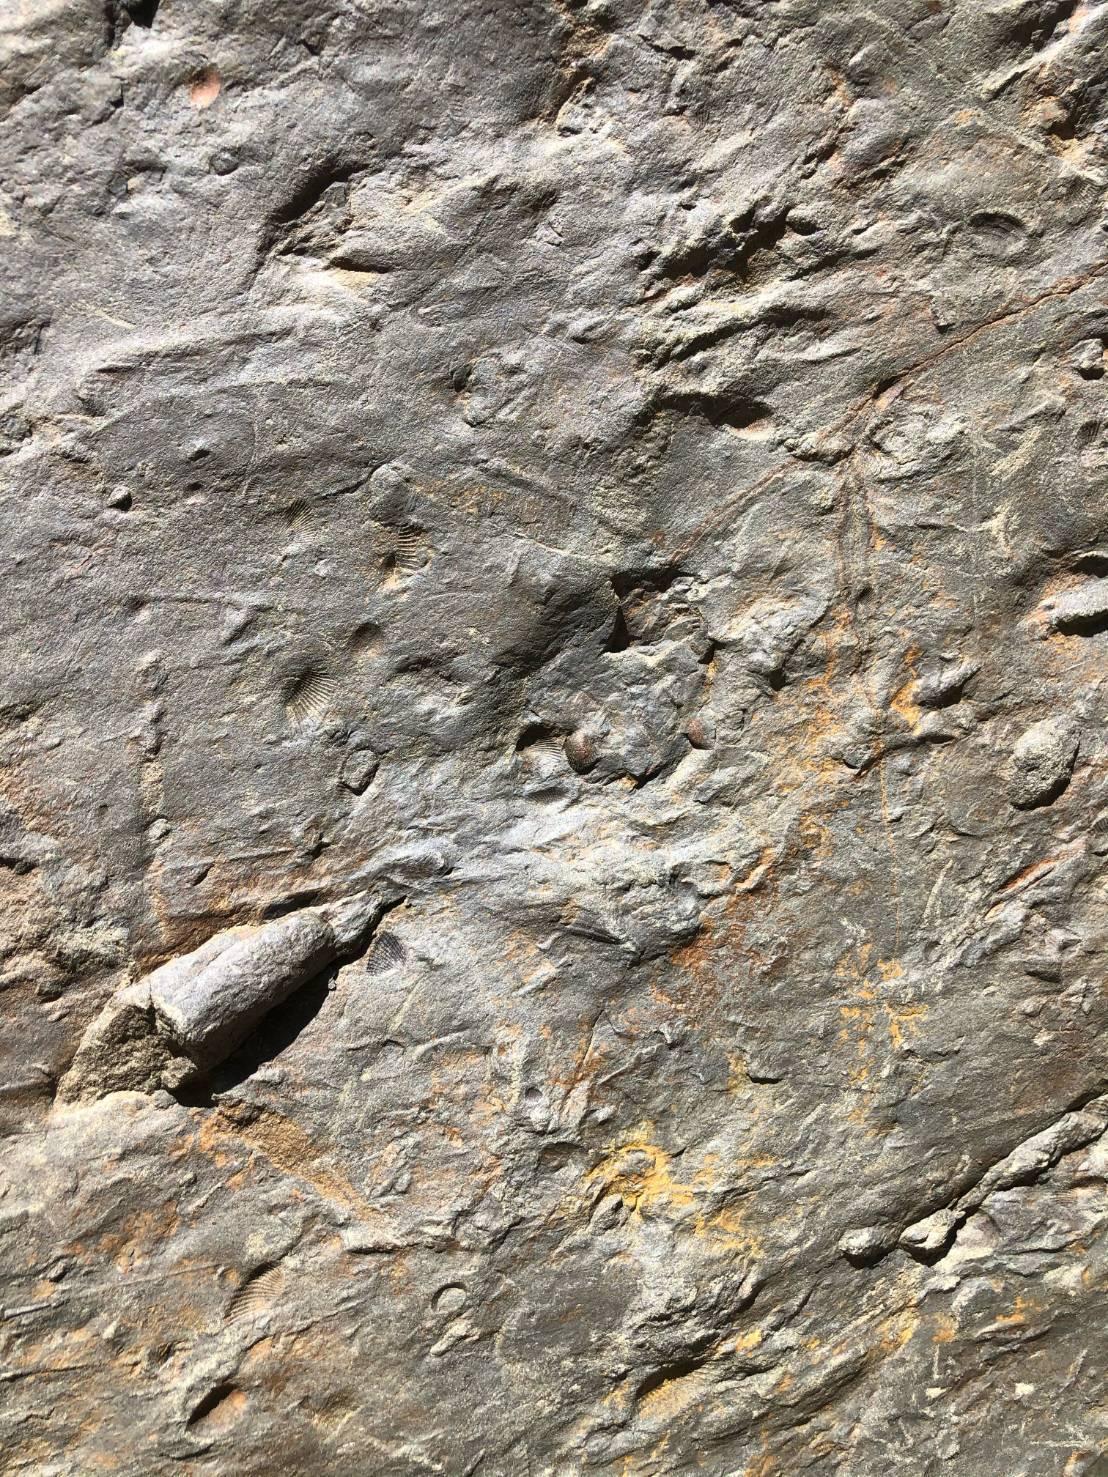 桃園市武陵高中師生日前單車環島考察時,意外發現古生物活動的遺跡石塊,經玉管處協同...